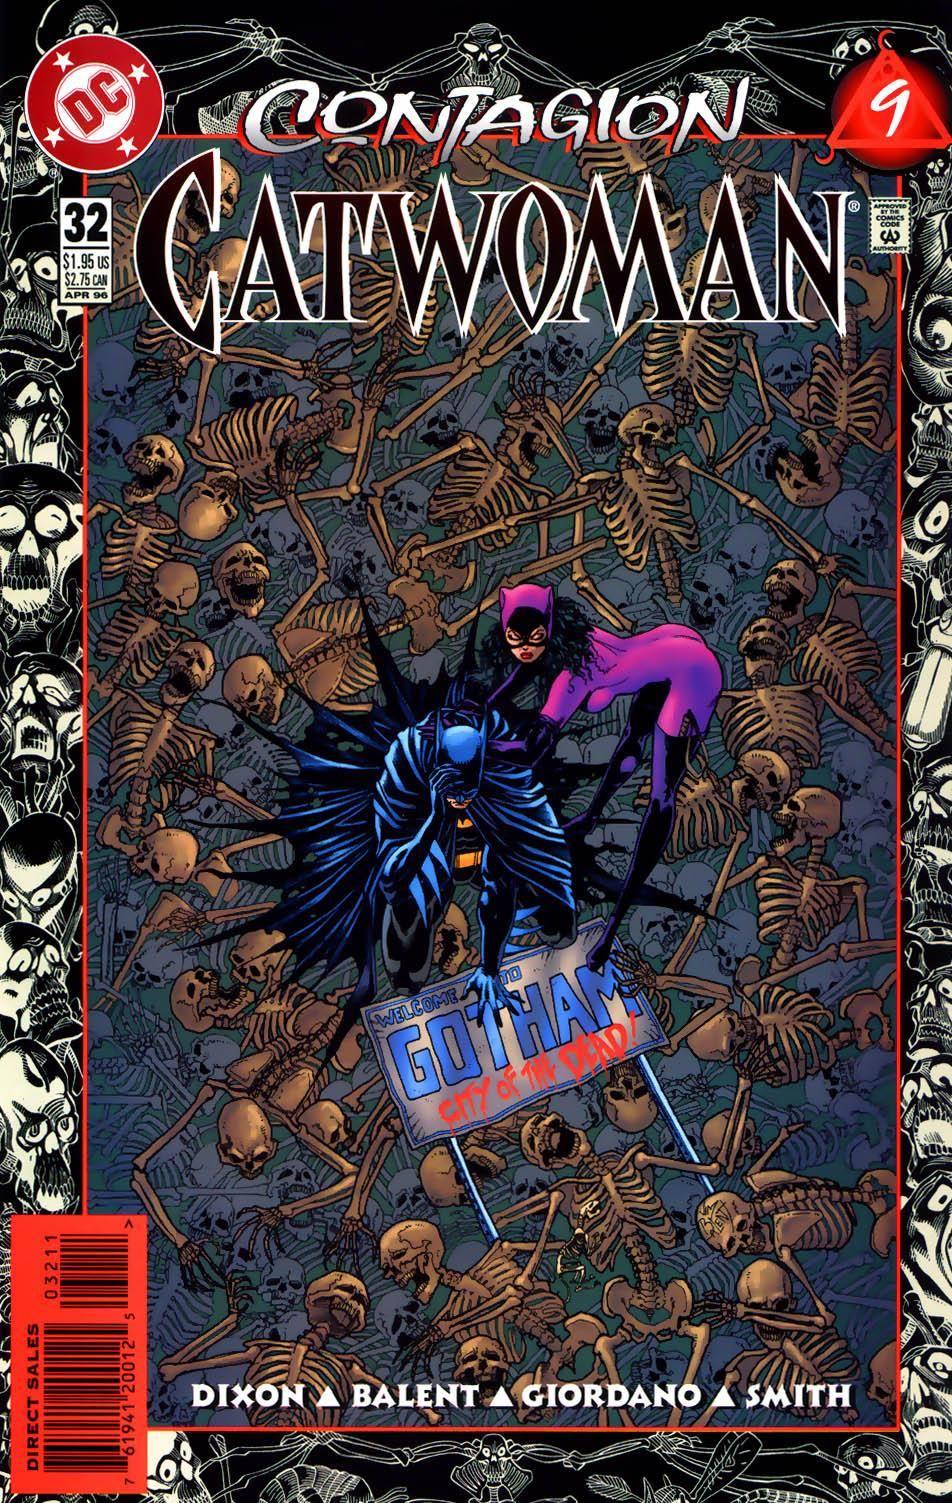 For Tyco - Catwoman v1 032 - Contagion 9 cbr